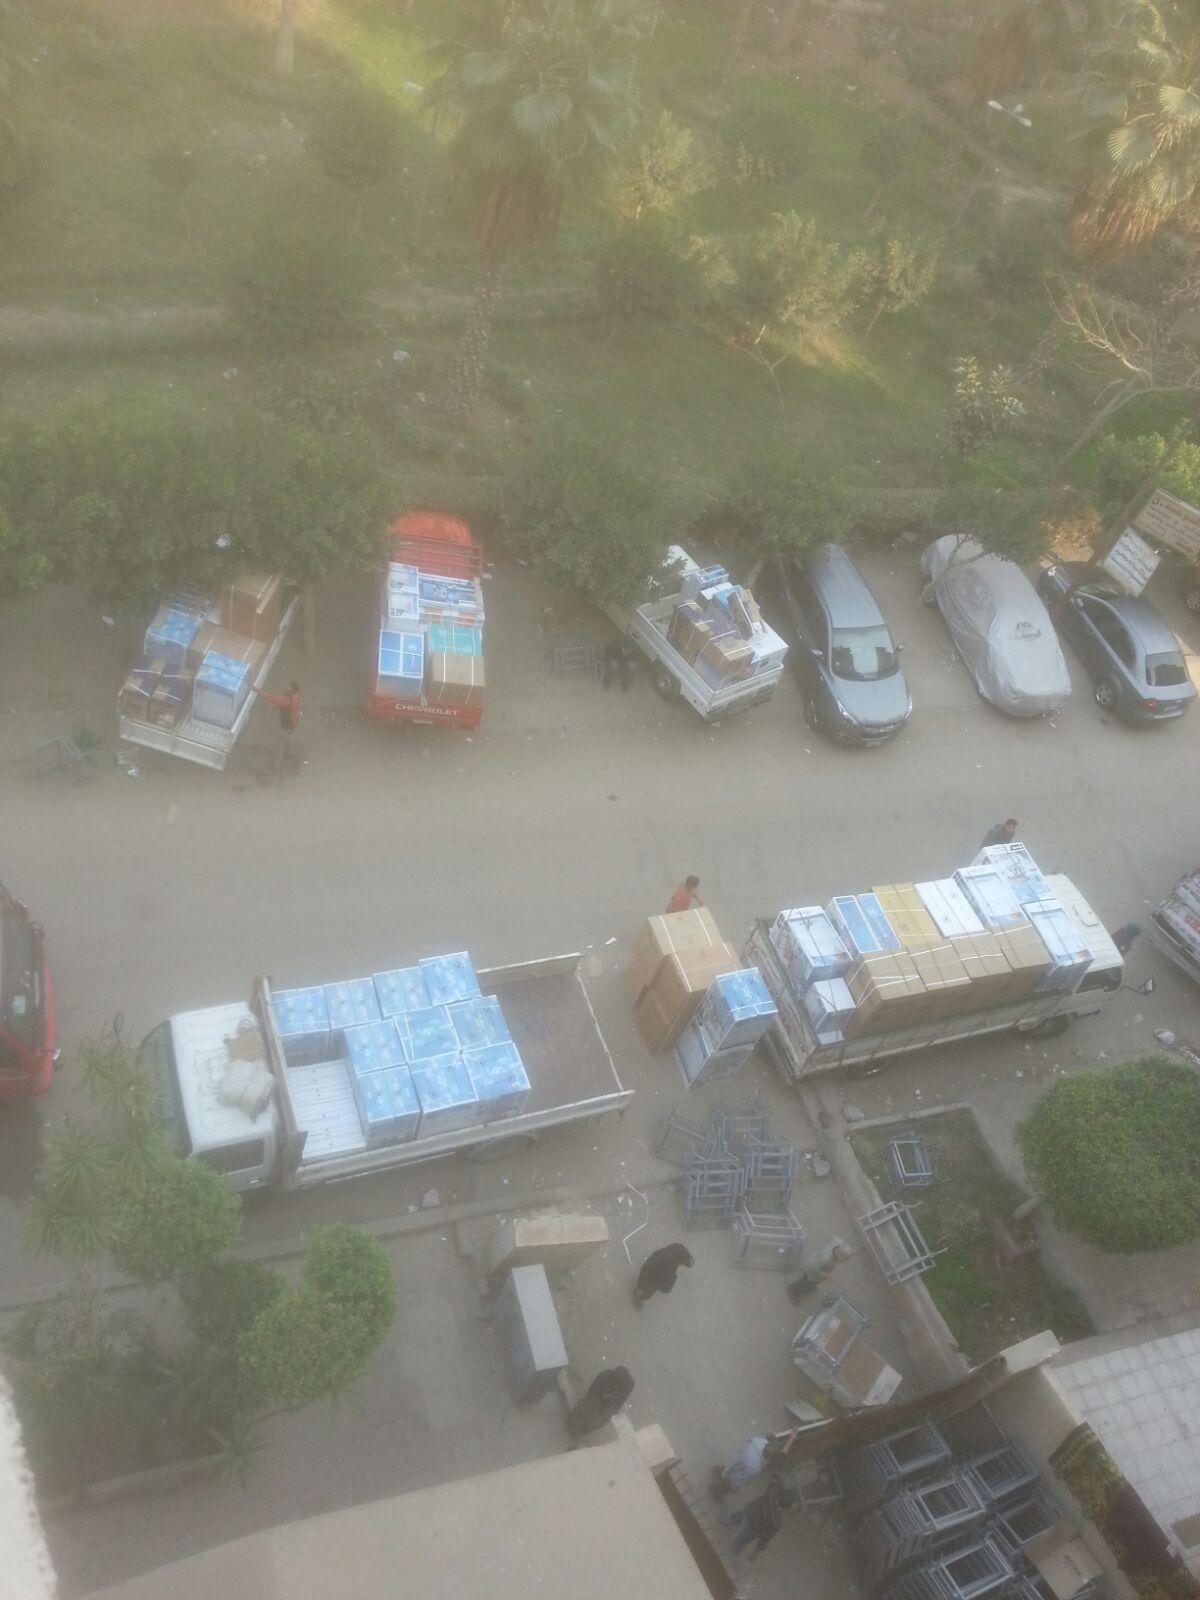 سكان عقار بمدينة نصر يشكون تحول جراجه إلى مخزان أدوات كهربية